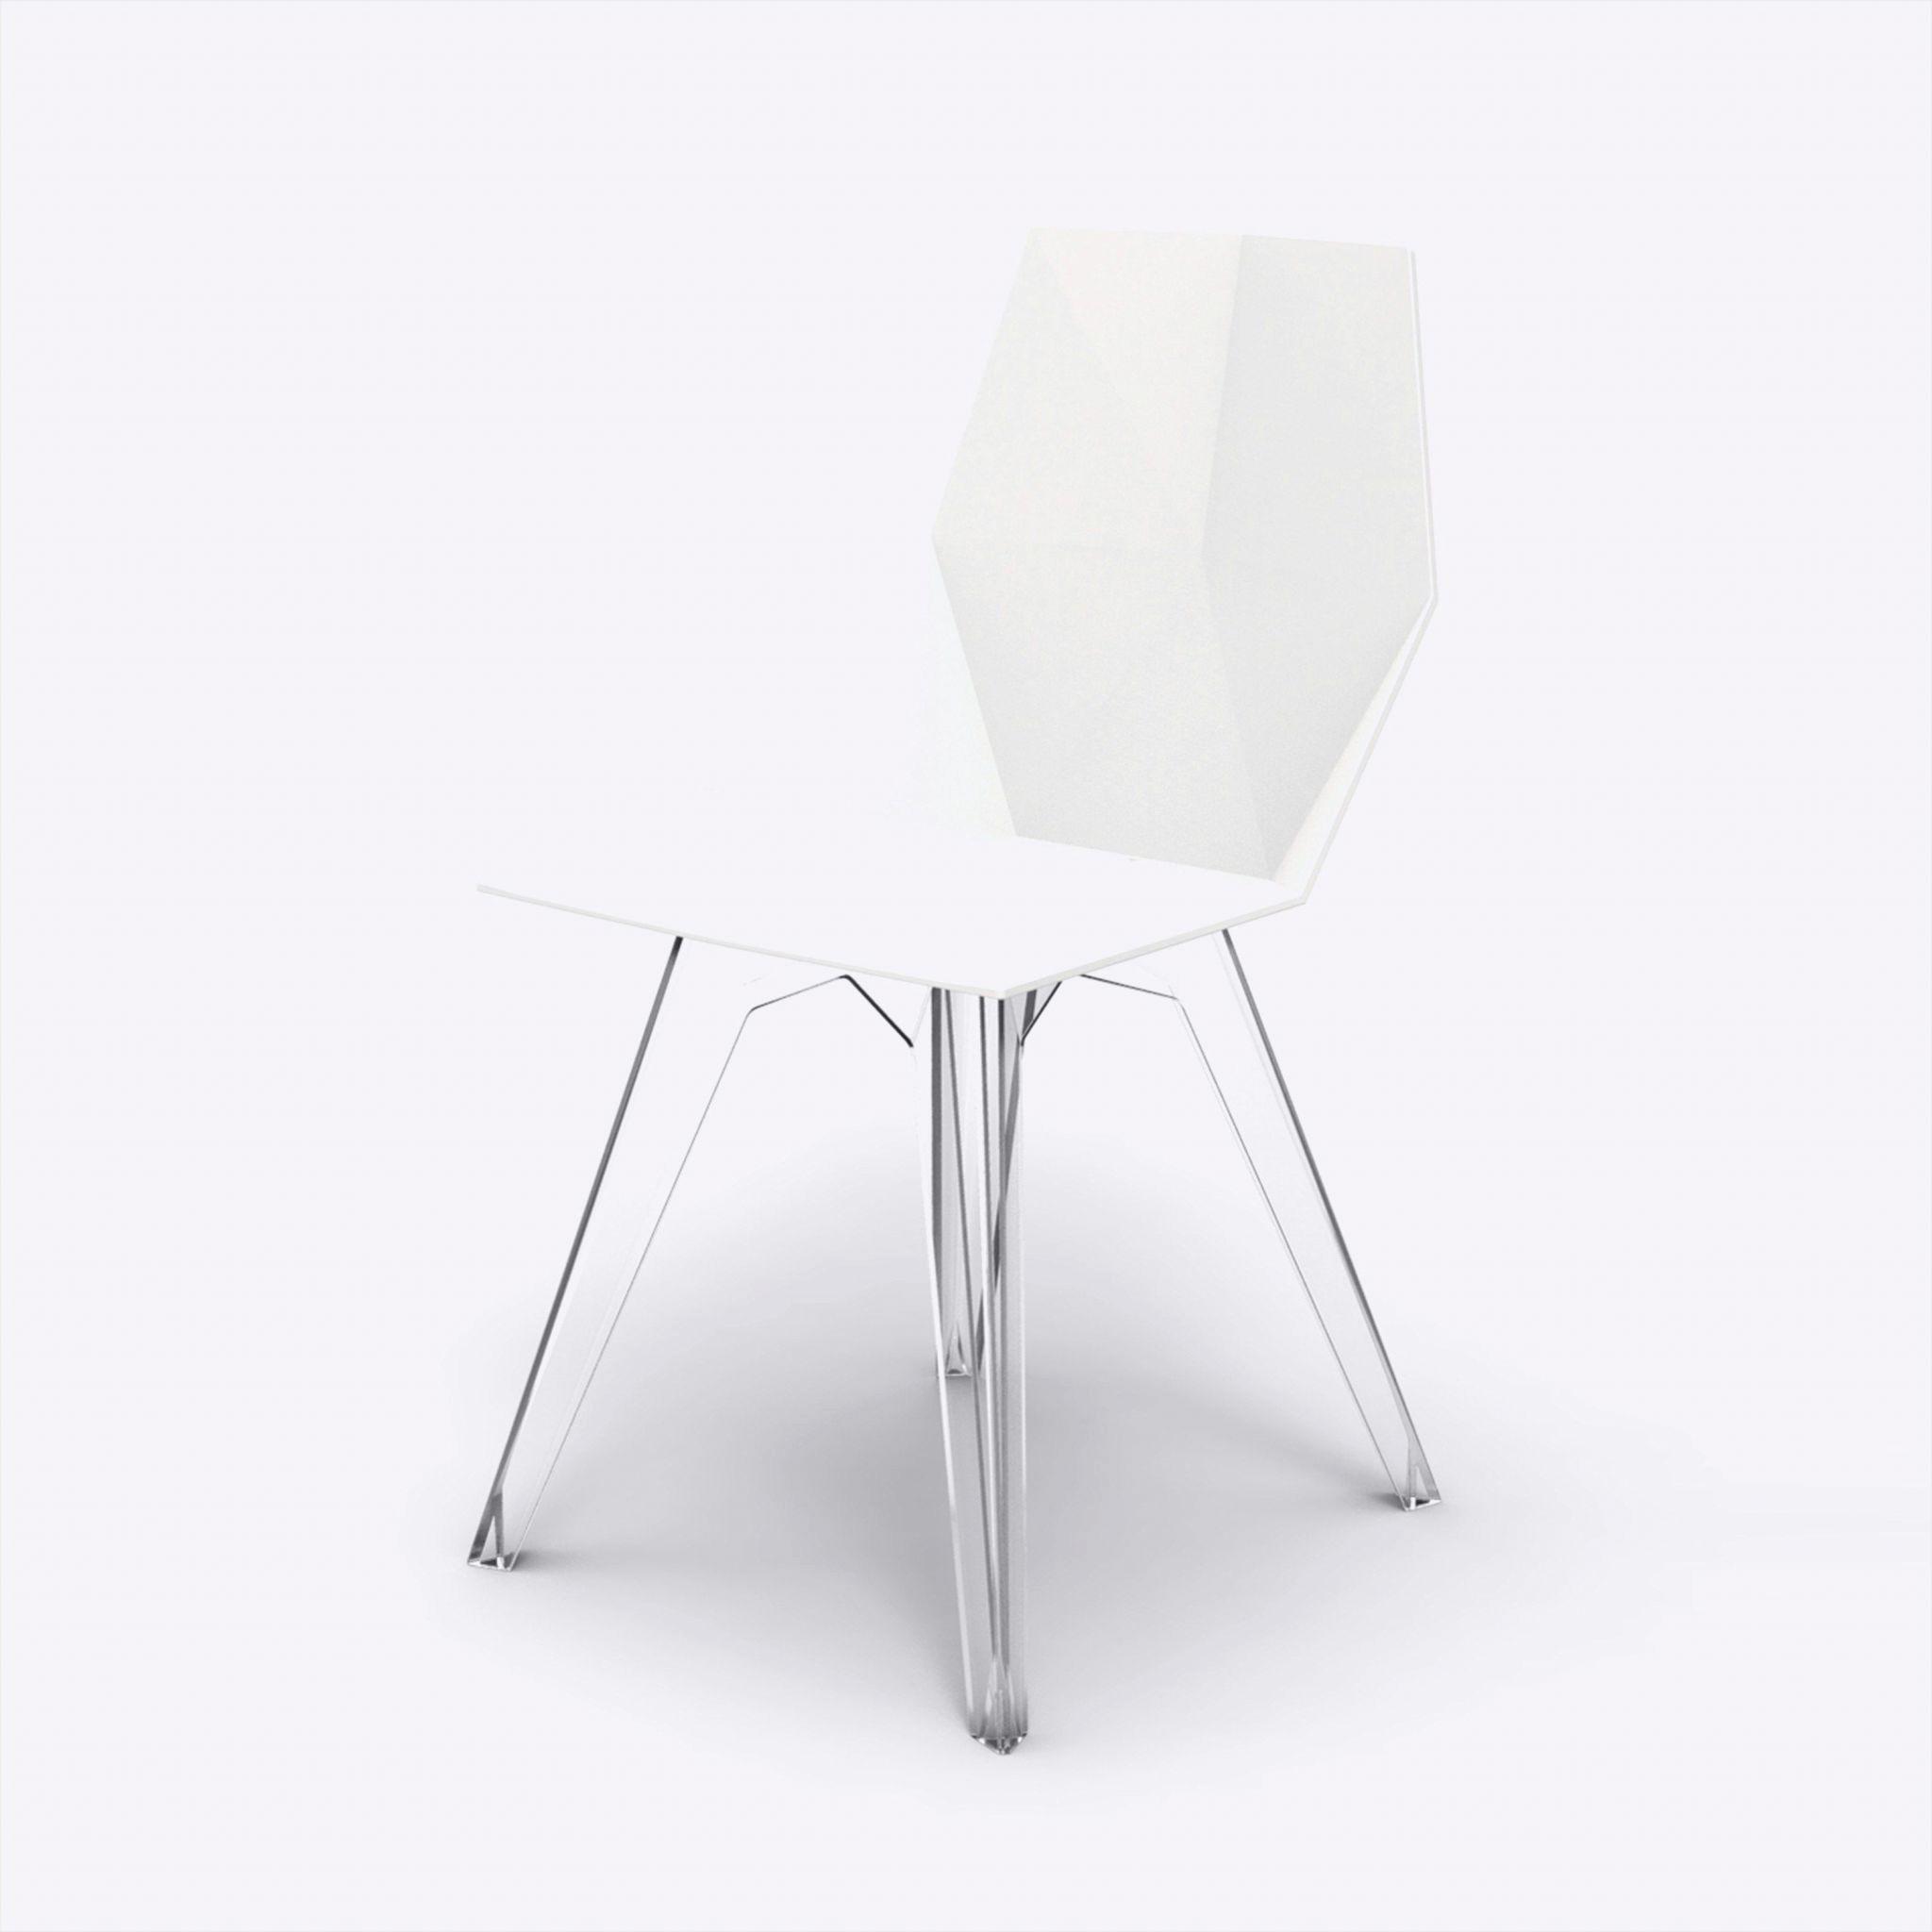 cuisine bistrot singulier table pliante avec chaise haute 0d bois chaise table alinea des cuisine bistrot